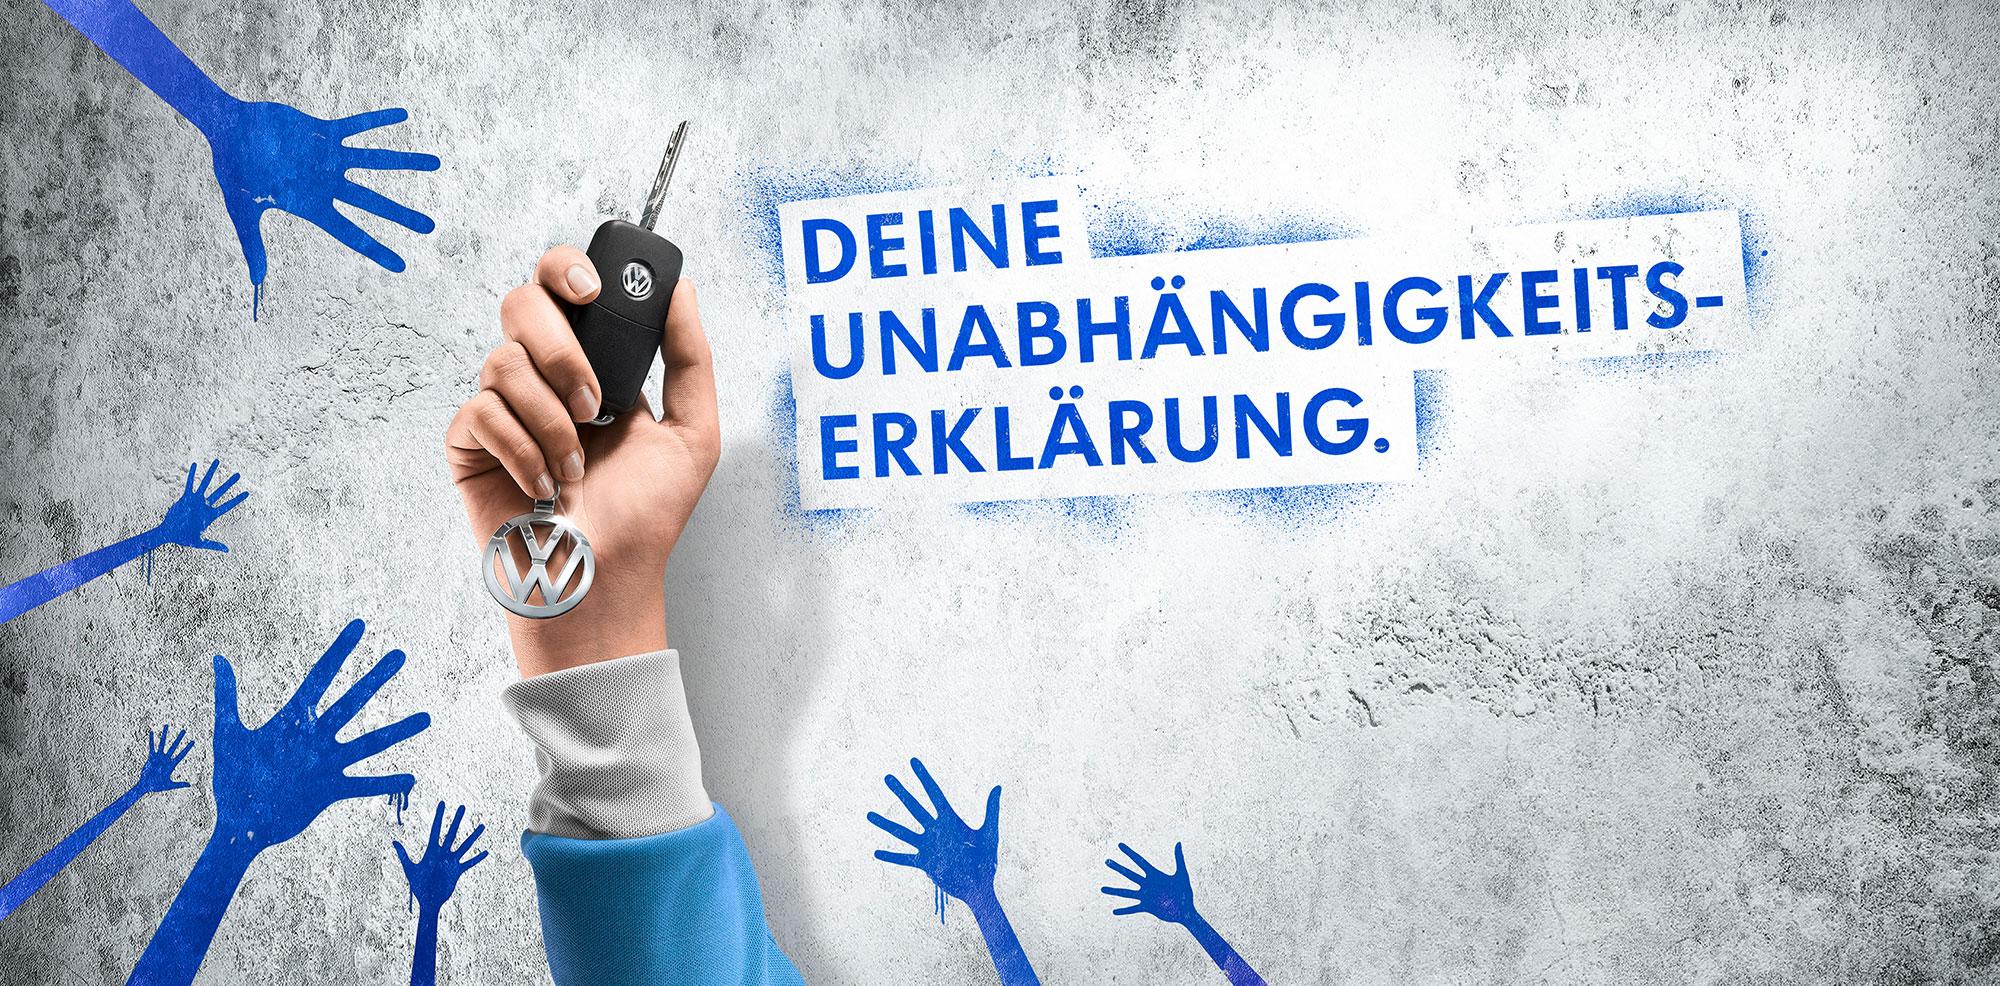 CGI Rendering 3d VW Volkswagen Junge Fahrer Beton Hand Autoschlüssel Unabhängigkeitserklärung Idris Kolodziej